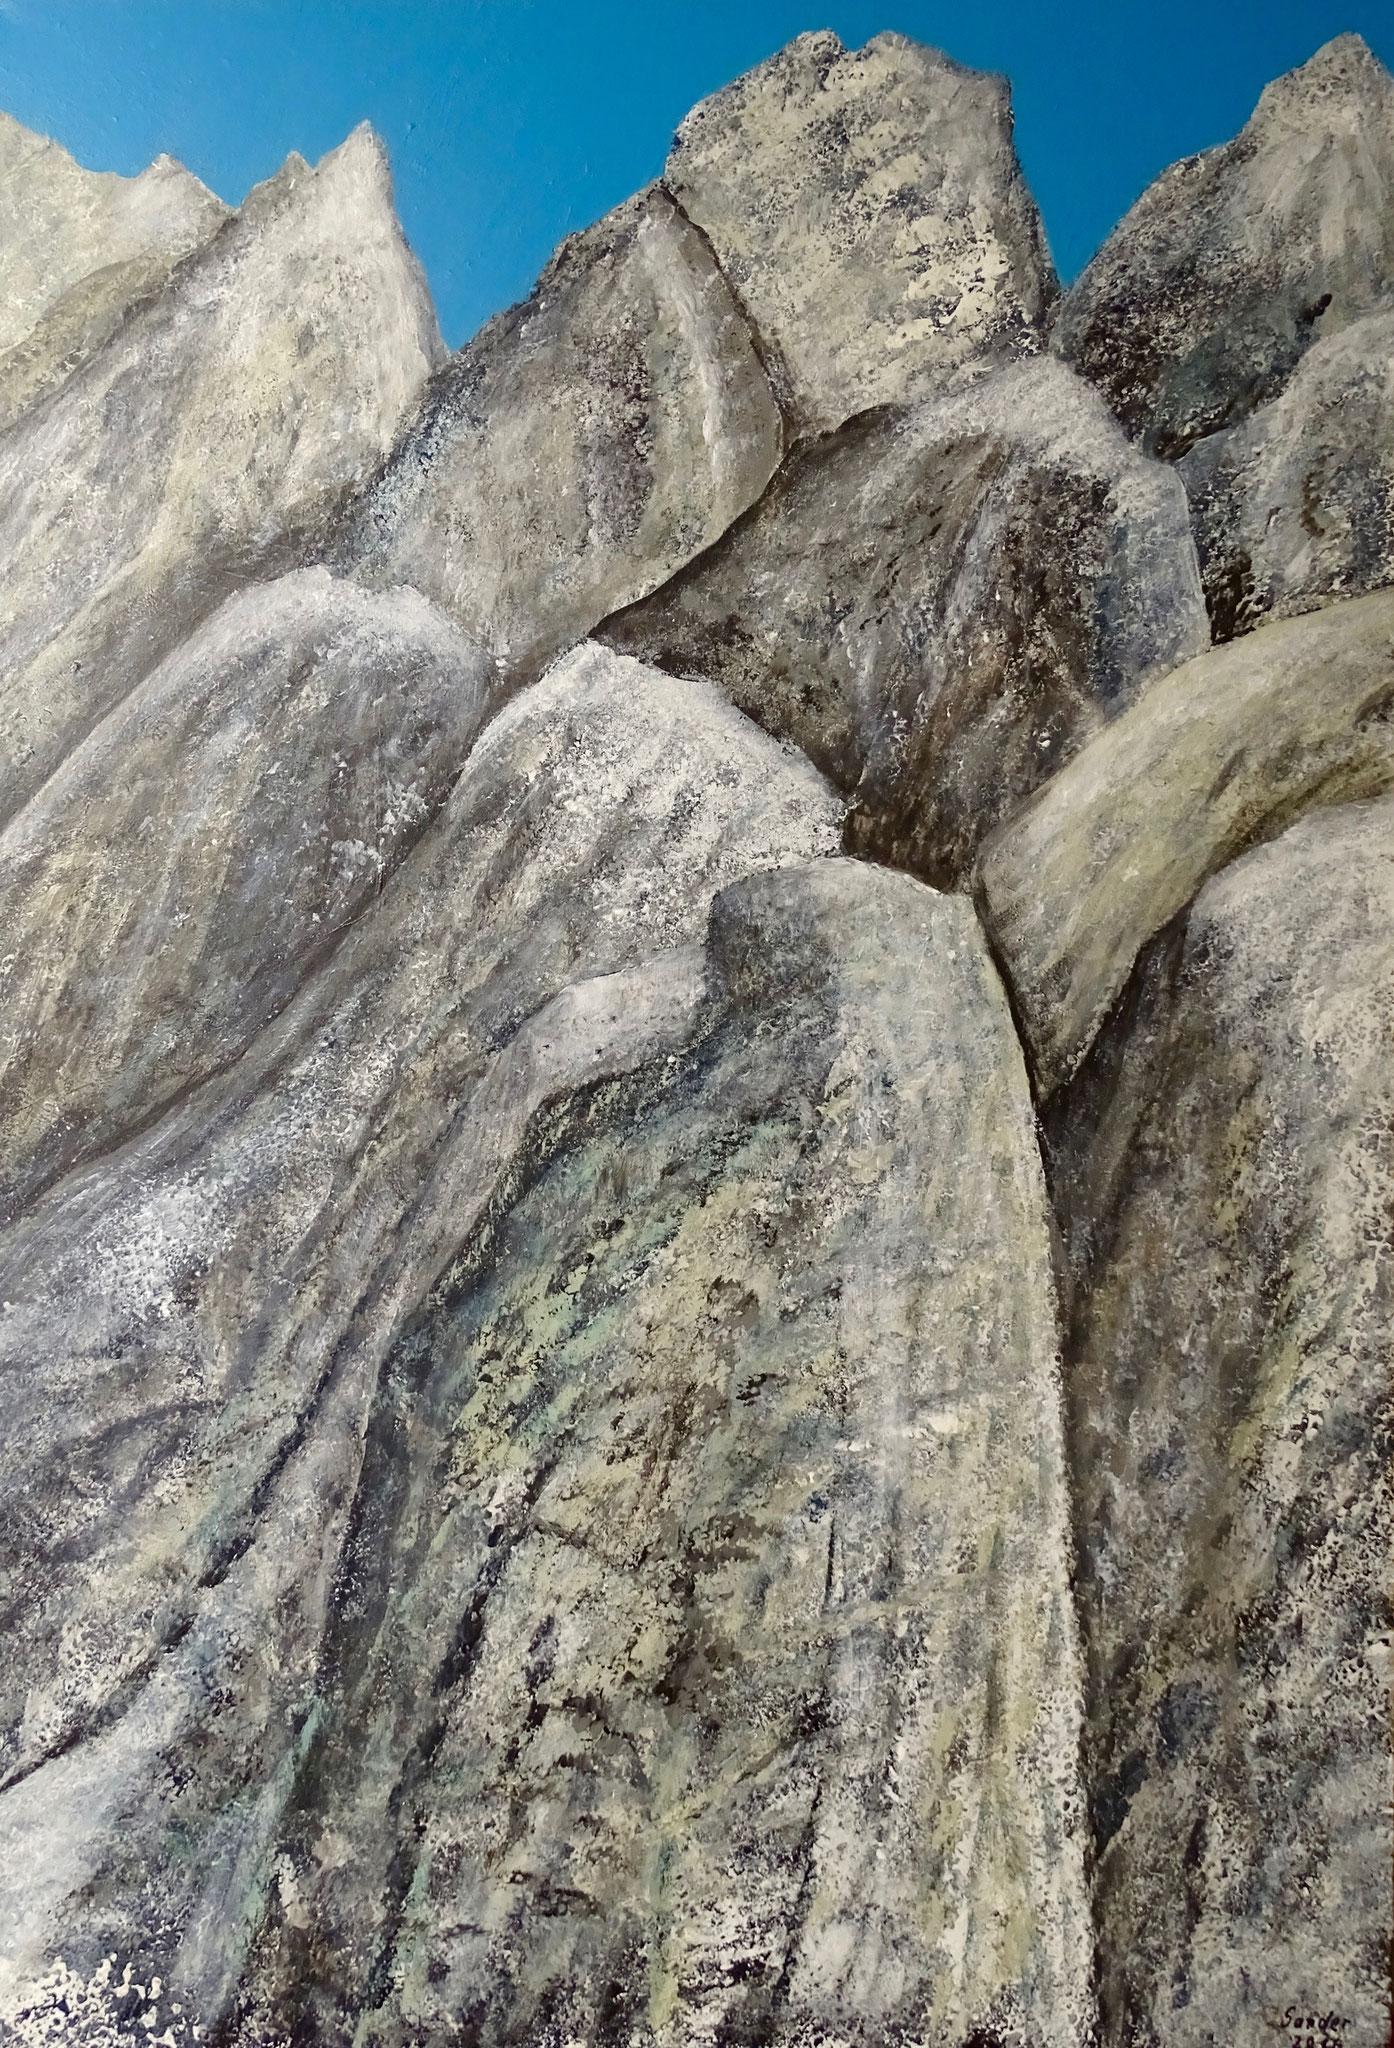 Felsgiganten, 100 x 70 cm, Acrylfarben auf Keilrahmen, signiert und datiert 2016